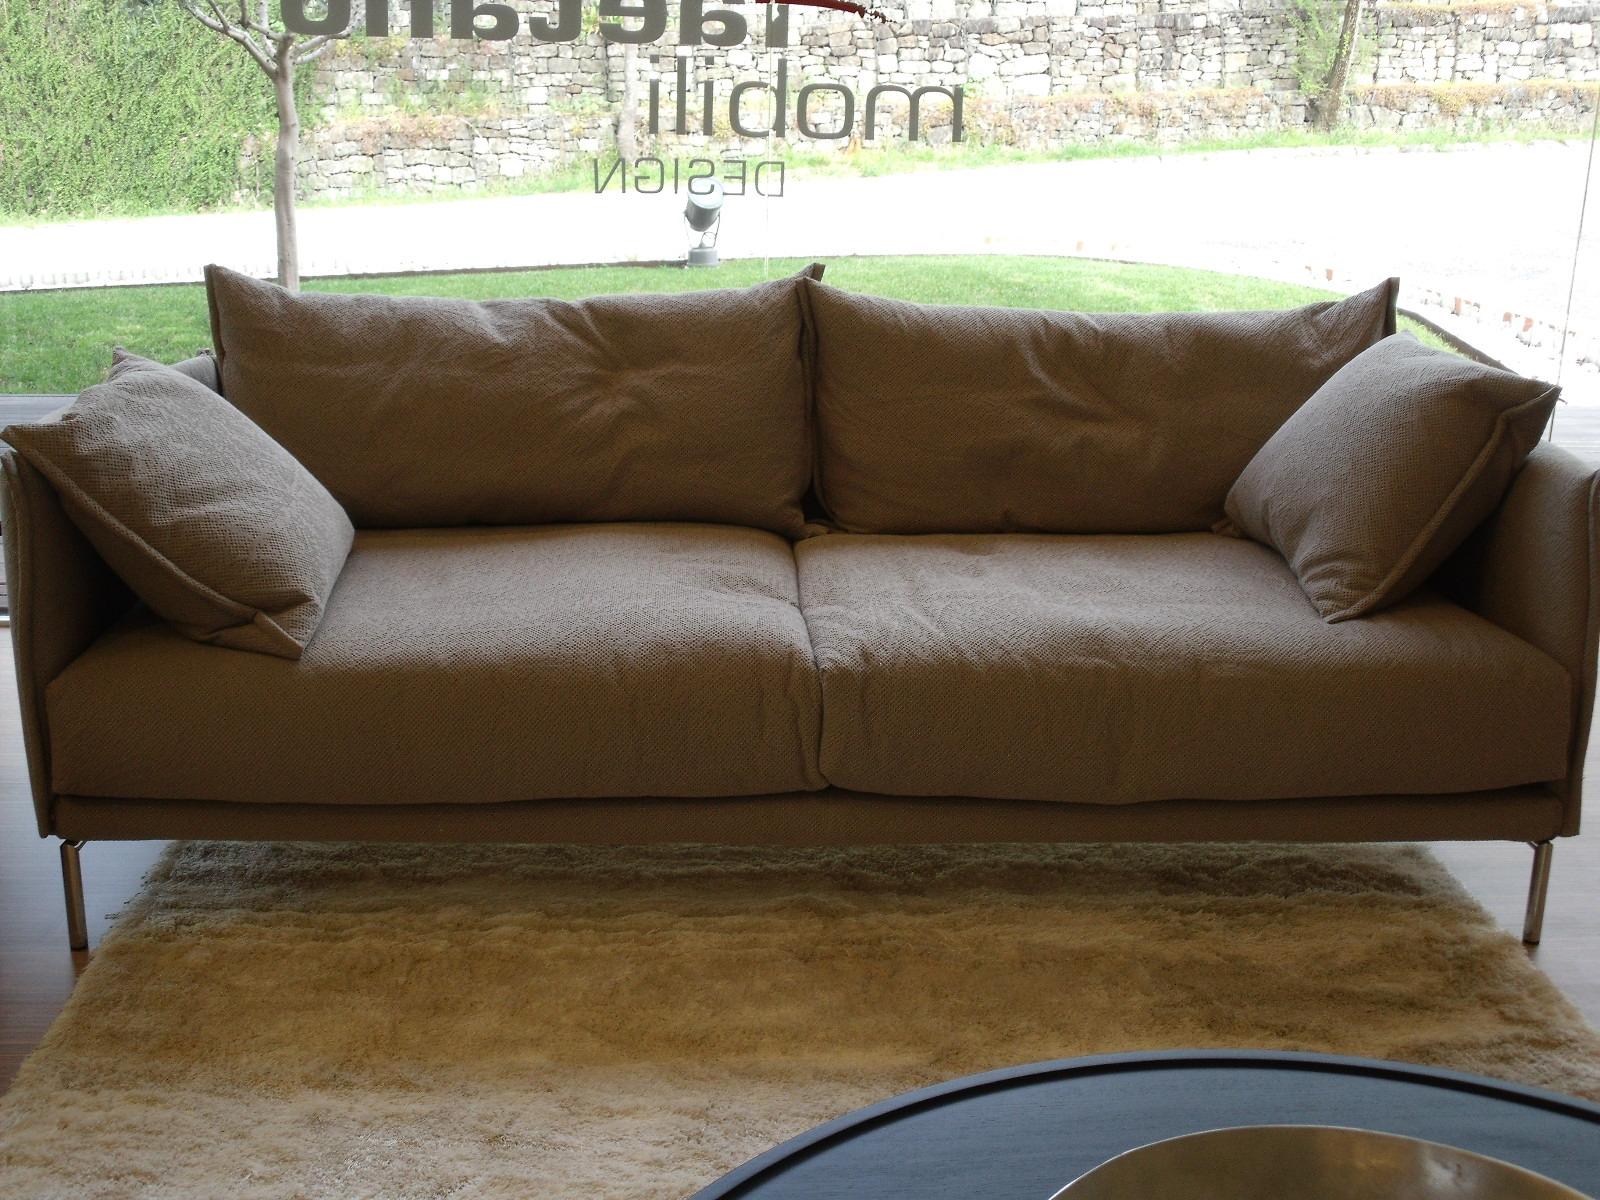 Divano moroso gentry divano tessuto divani a prezzi scontati for Poltrone moroso prezzi